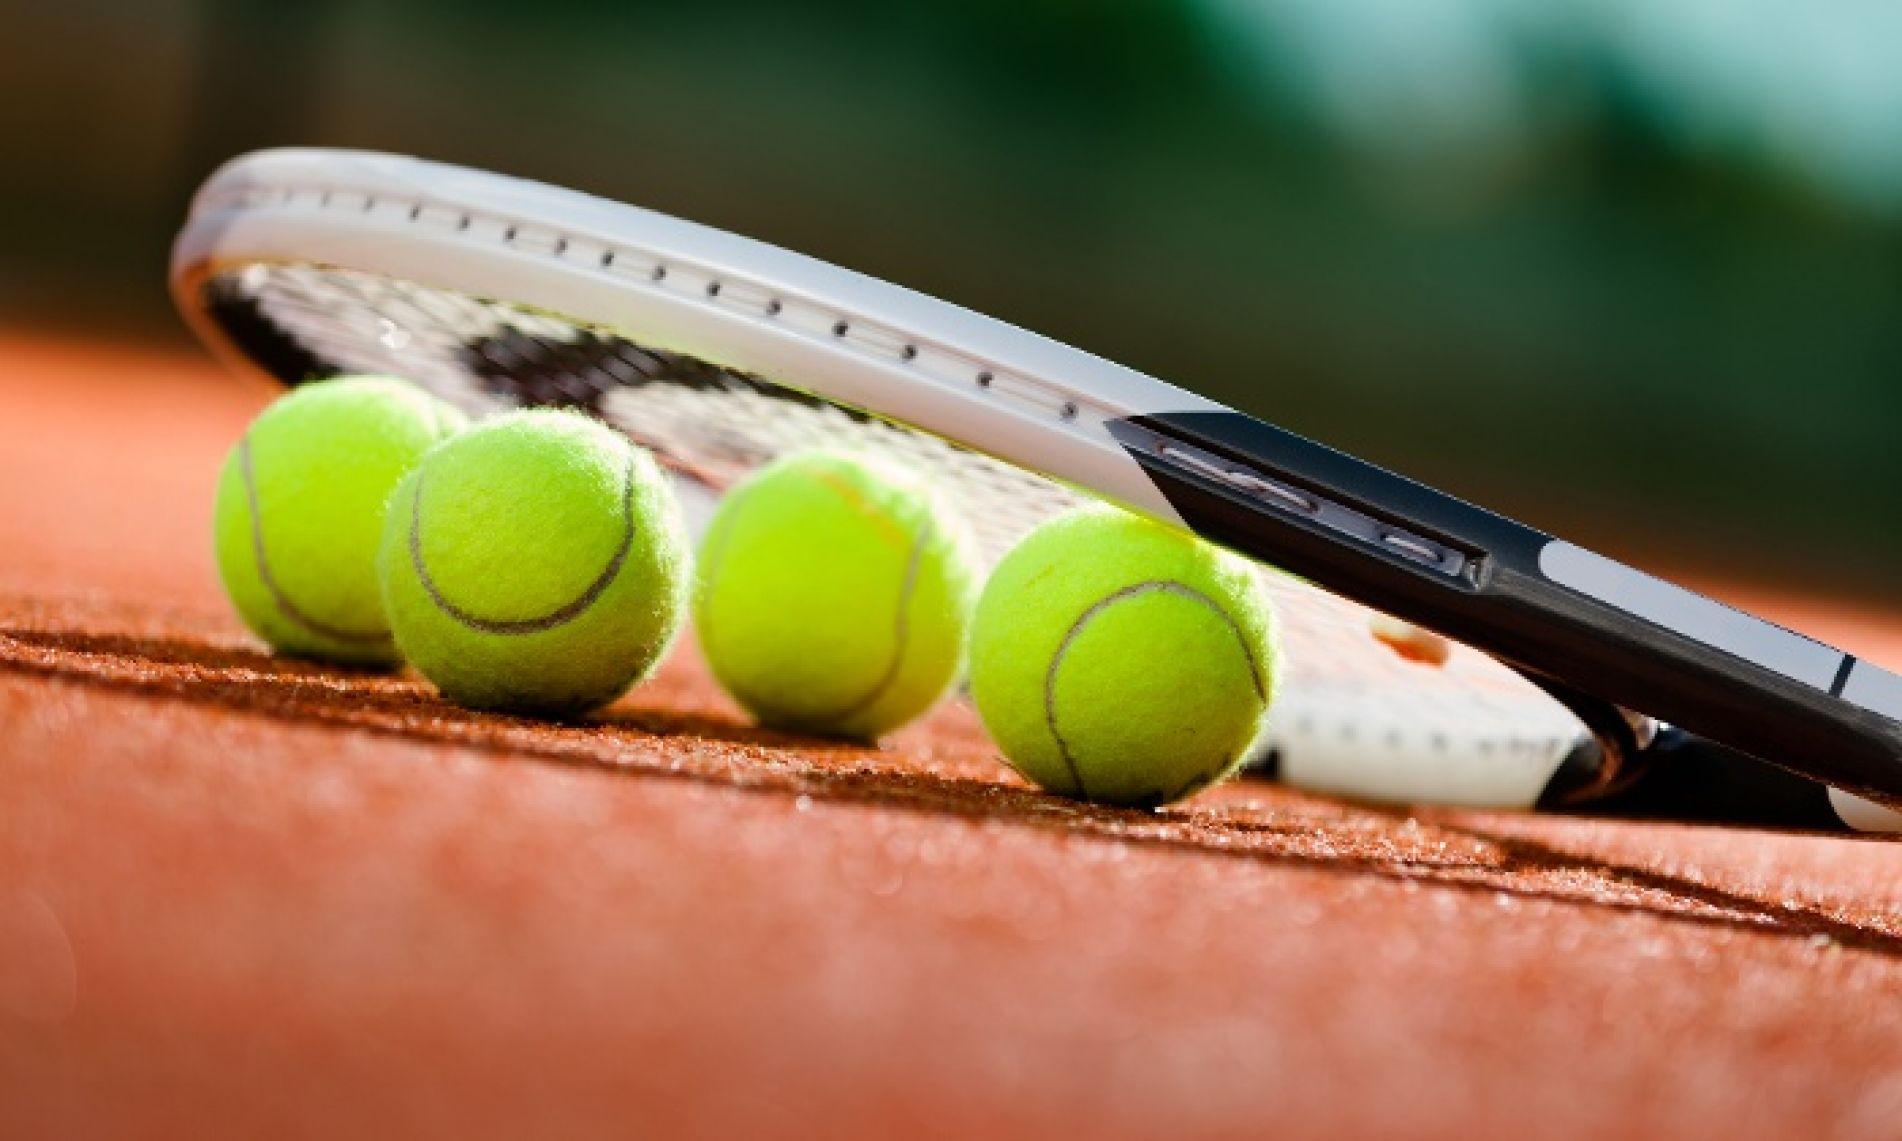 Torneio de Abertura da Temporada de Tênis 2015